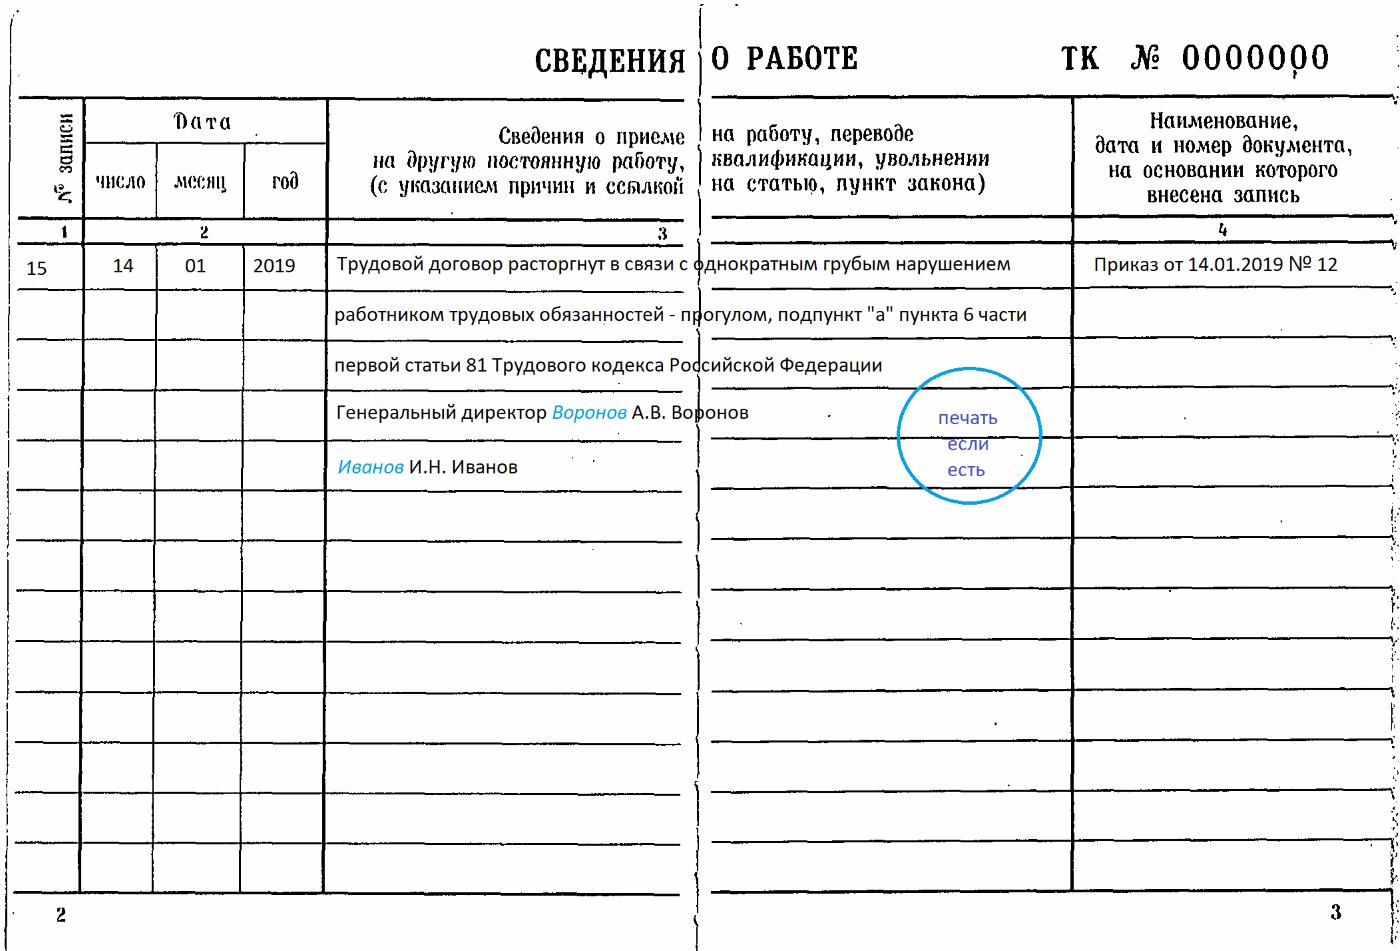 Межевание земельного участка в крыму бесплатно новый закон 2019